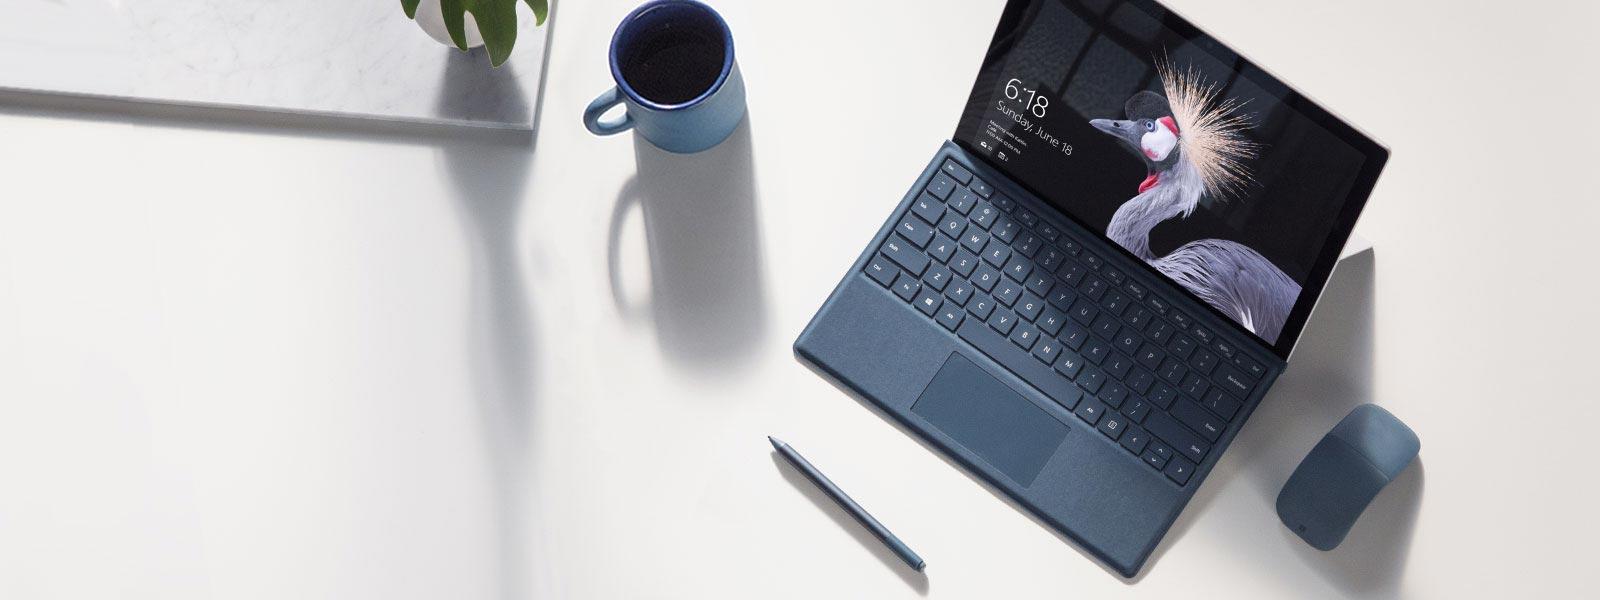 Surface Pro sur un bureau